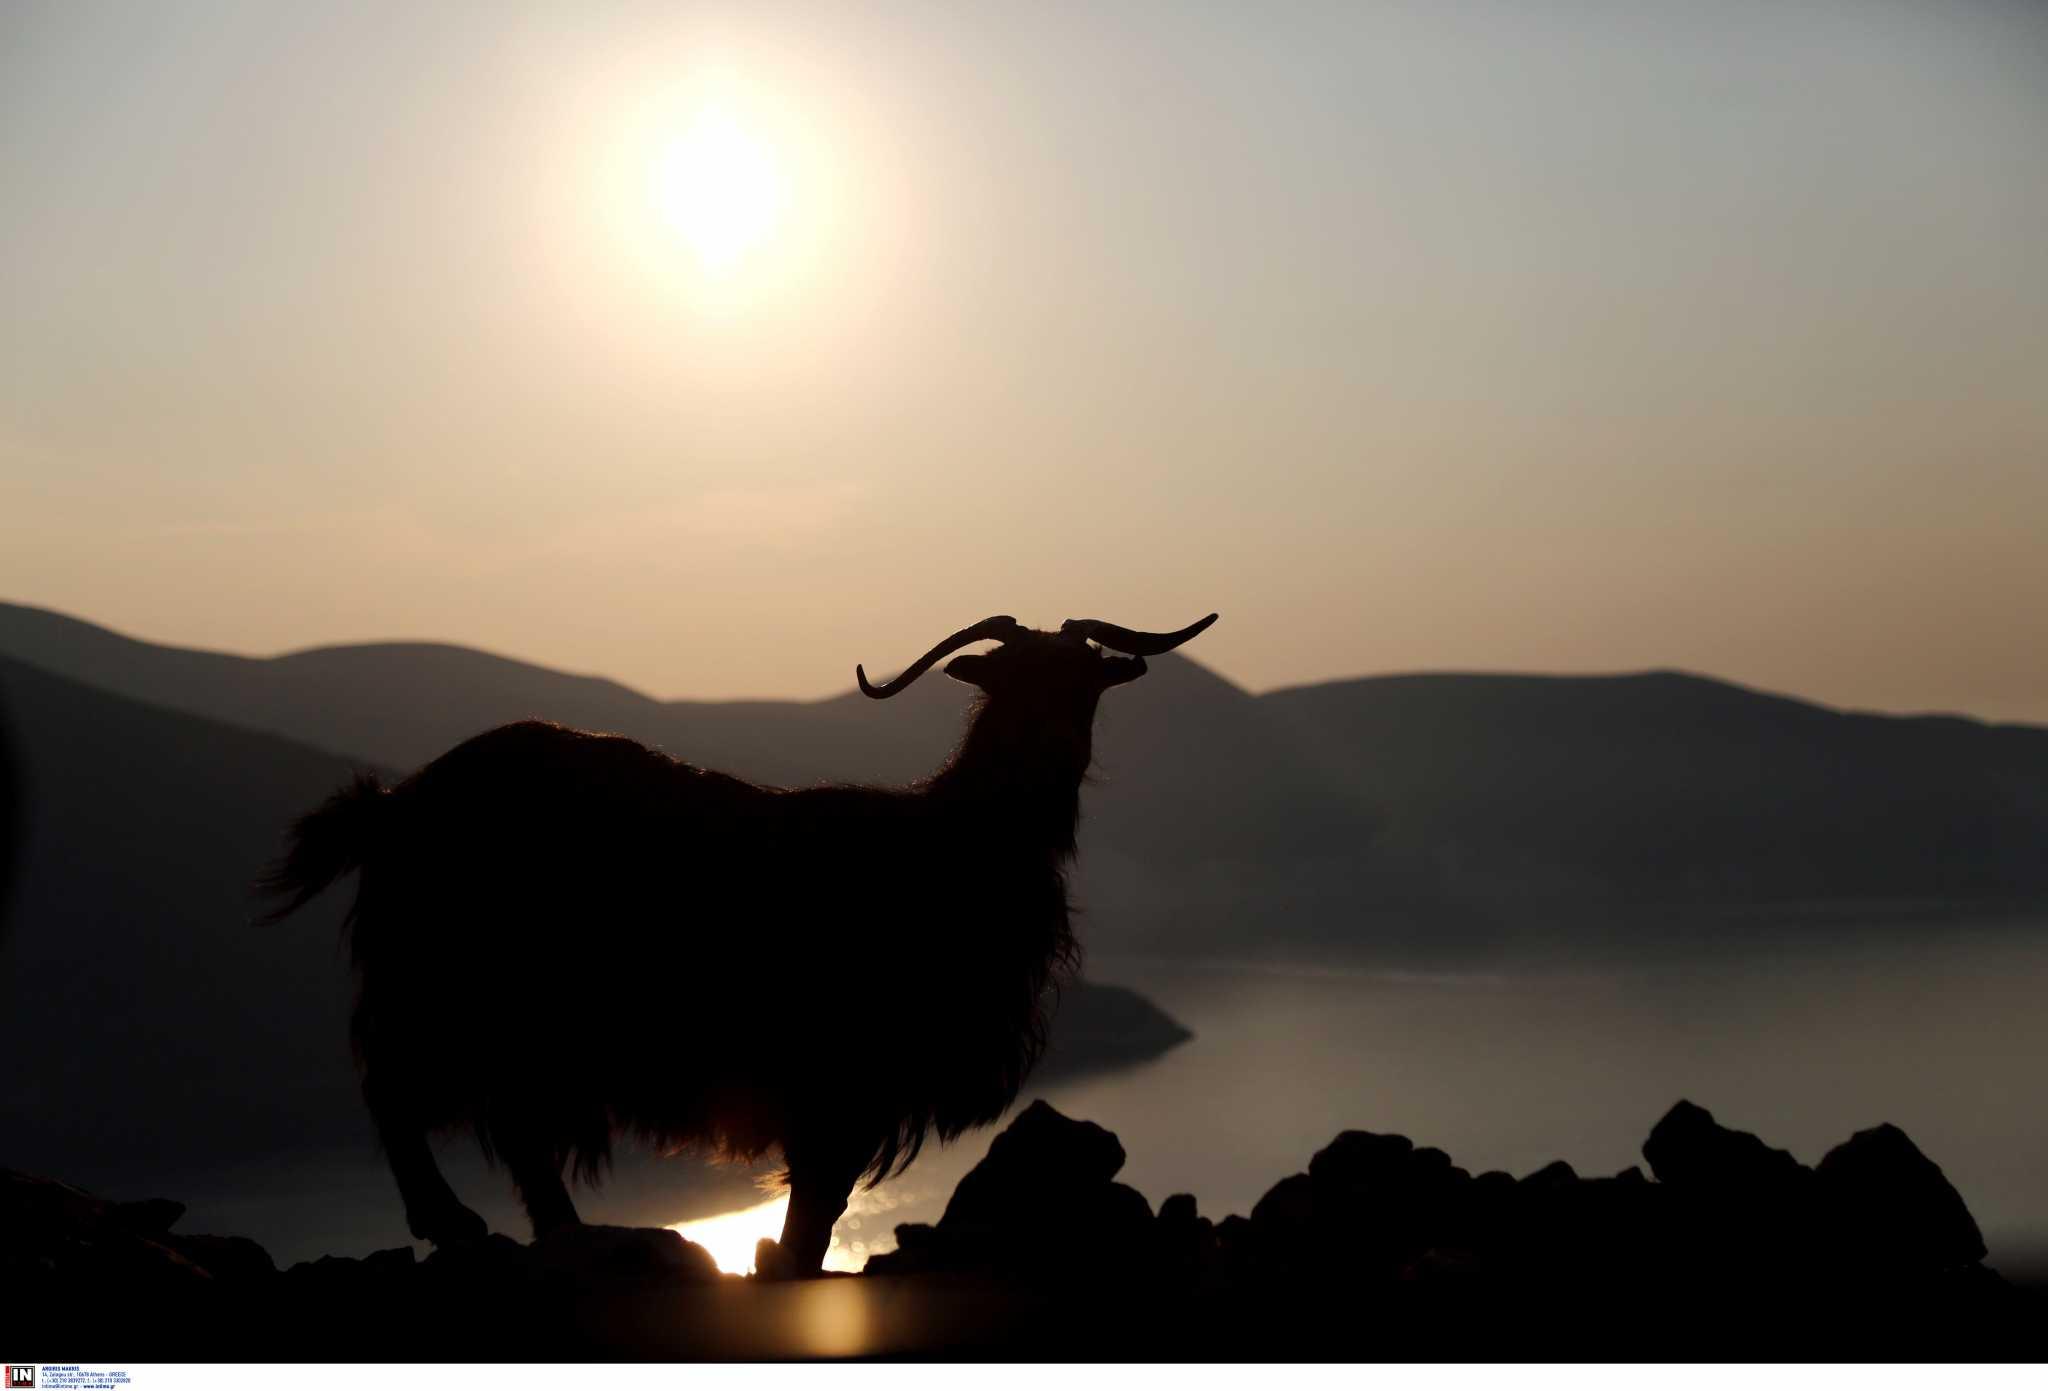 Λέσβος: Παραλίγο να γίνει δολοφόνος επειδή ένας τράγος παρενόχλησε τις κατσίκες του